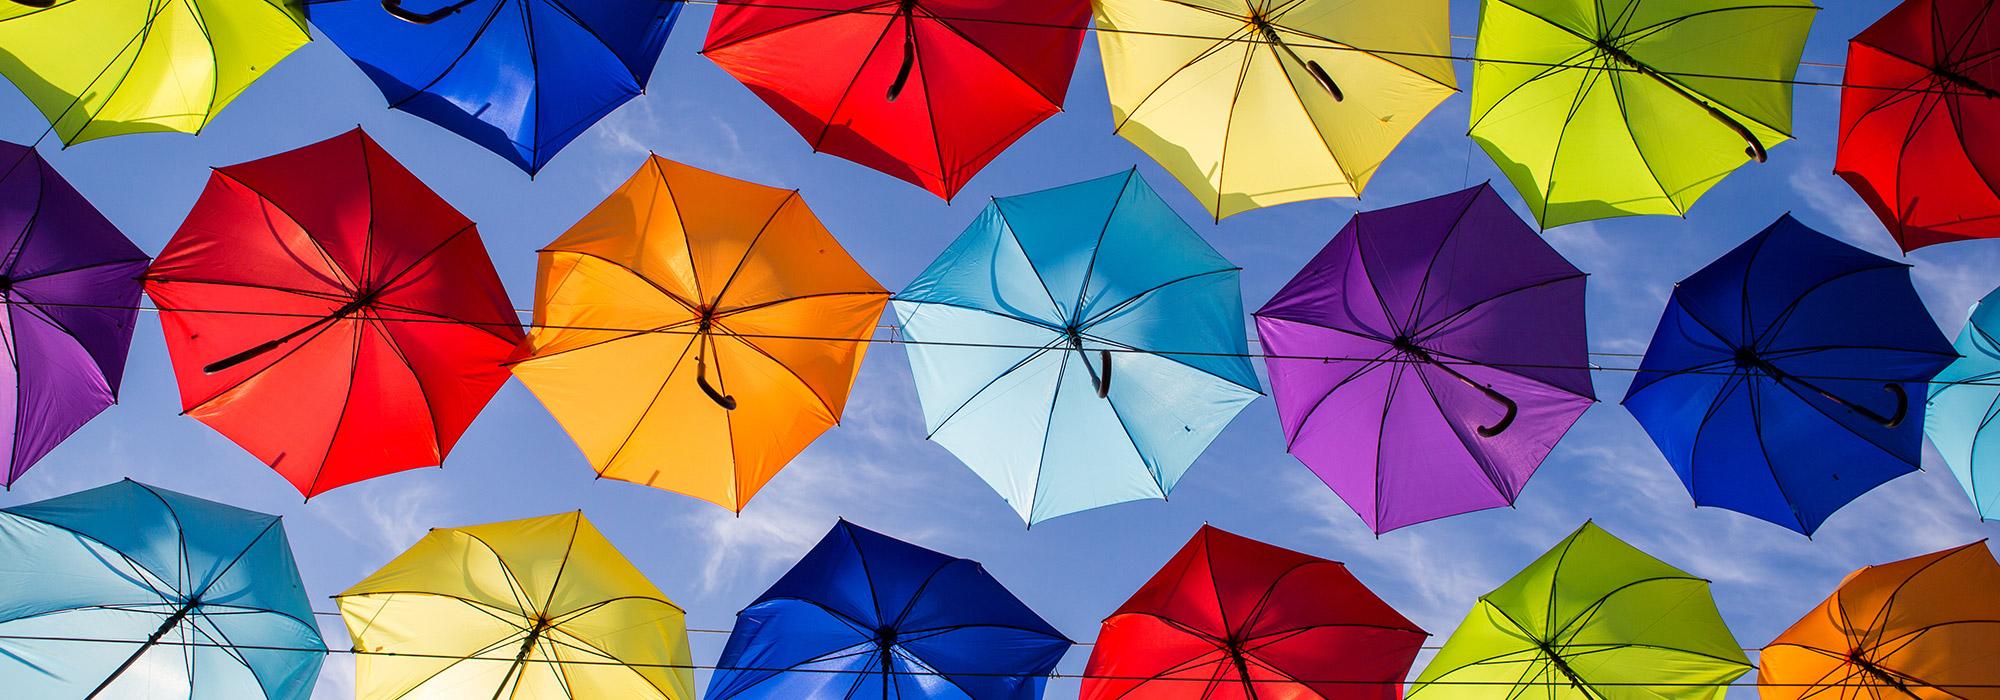 paraguas-1